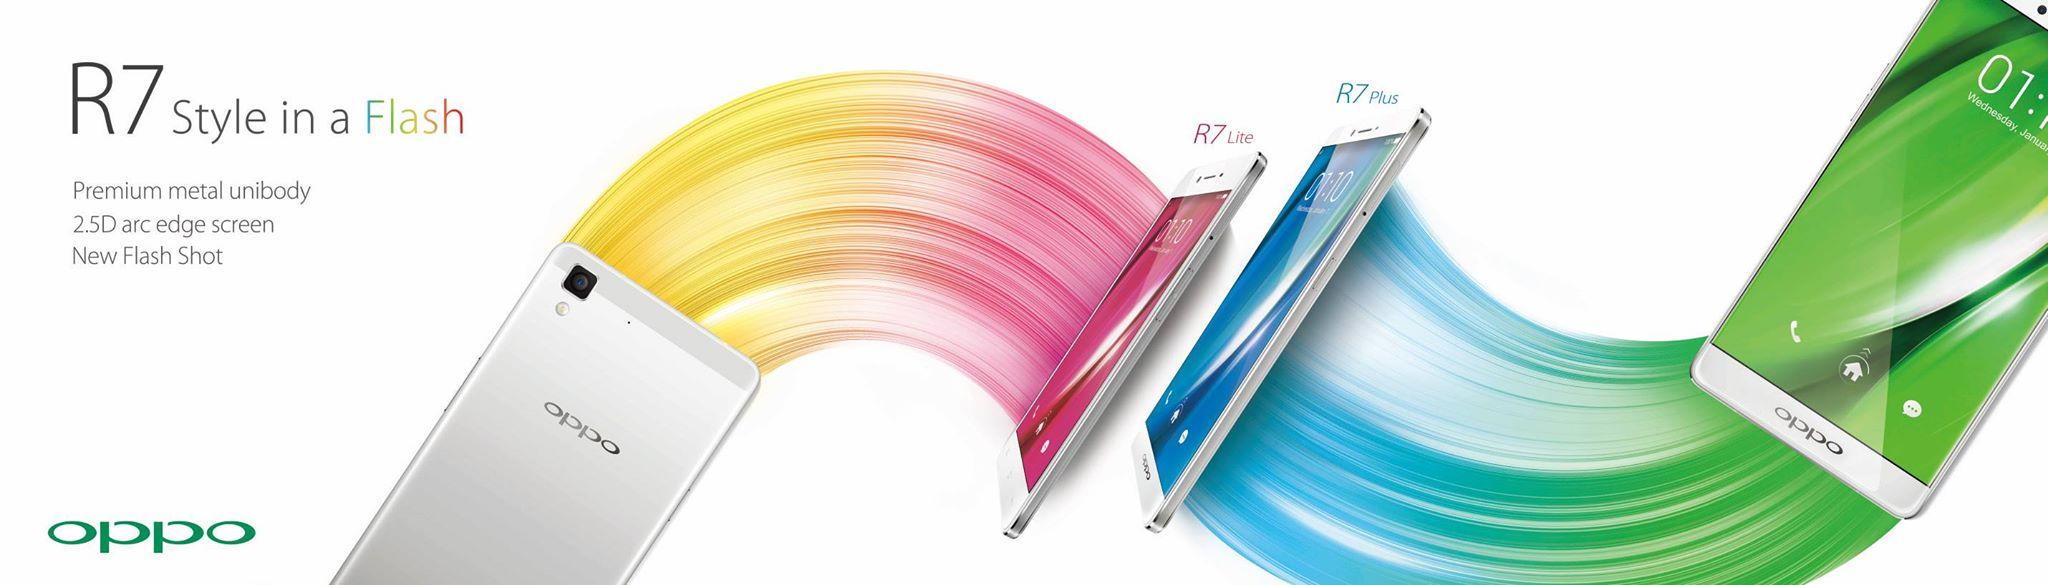 Oppo R7 series